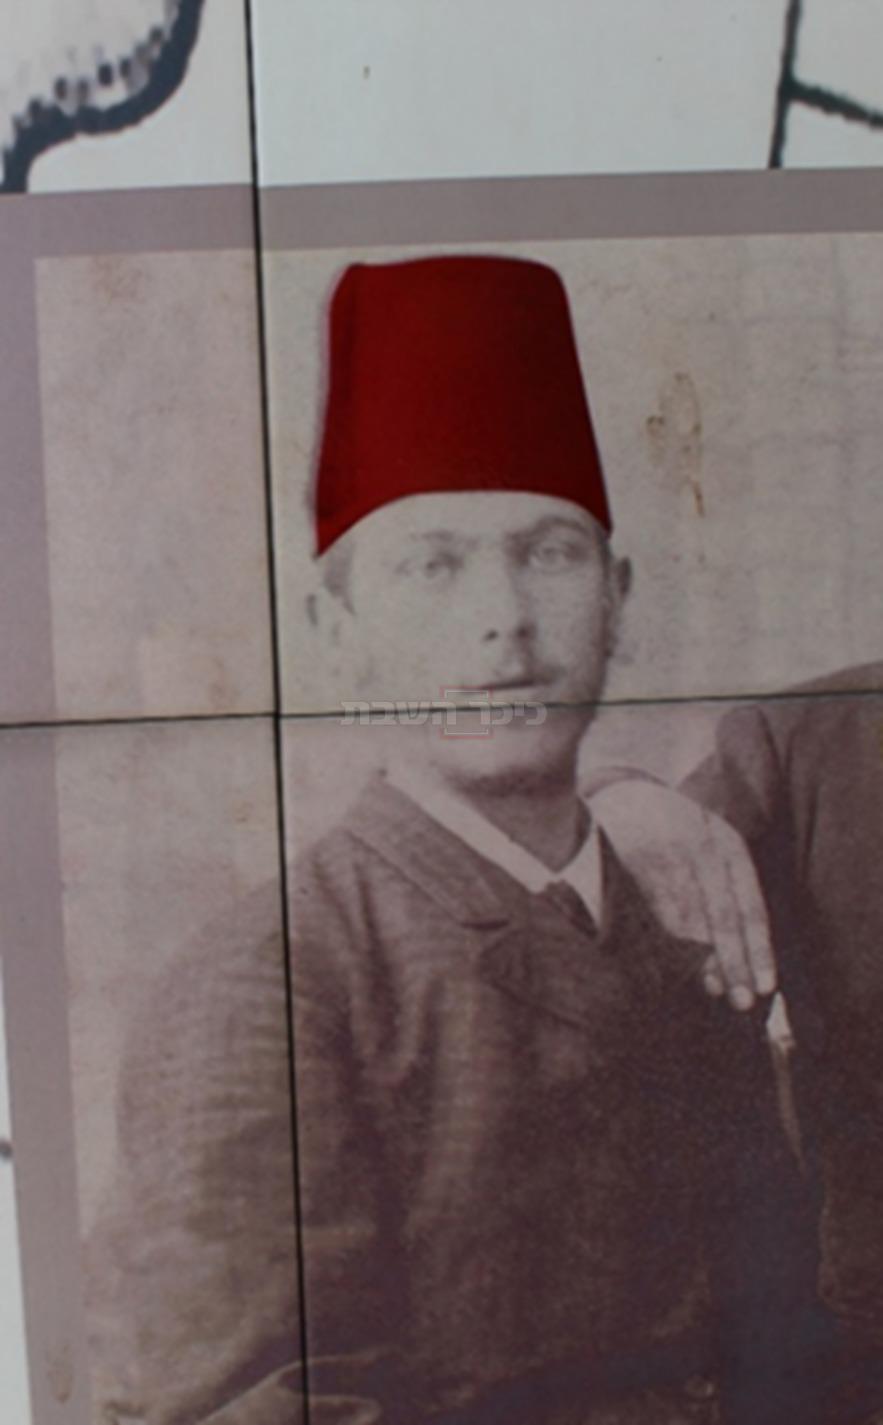 הגרמ''מ אפשטין בקיר מוזאון החאן בחדרה (צילום: ישראל שפירא)